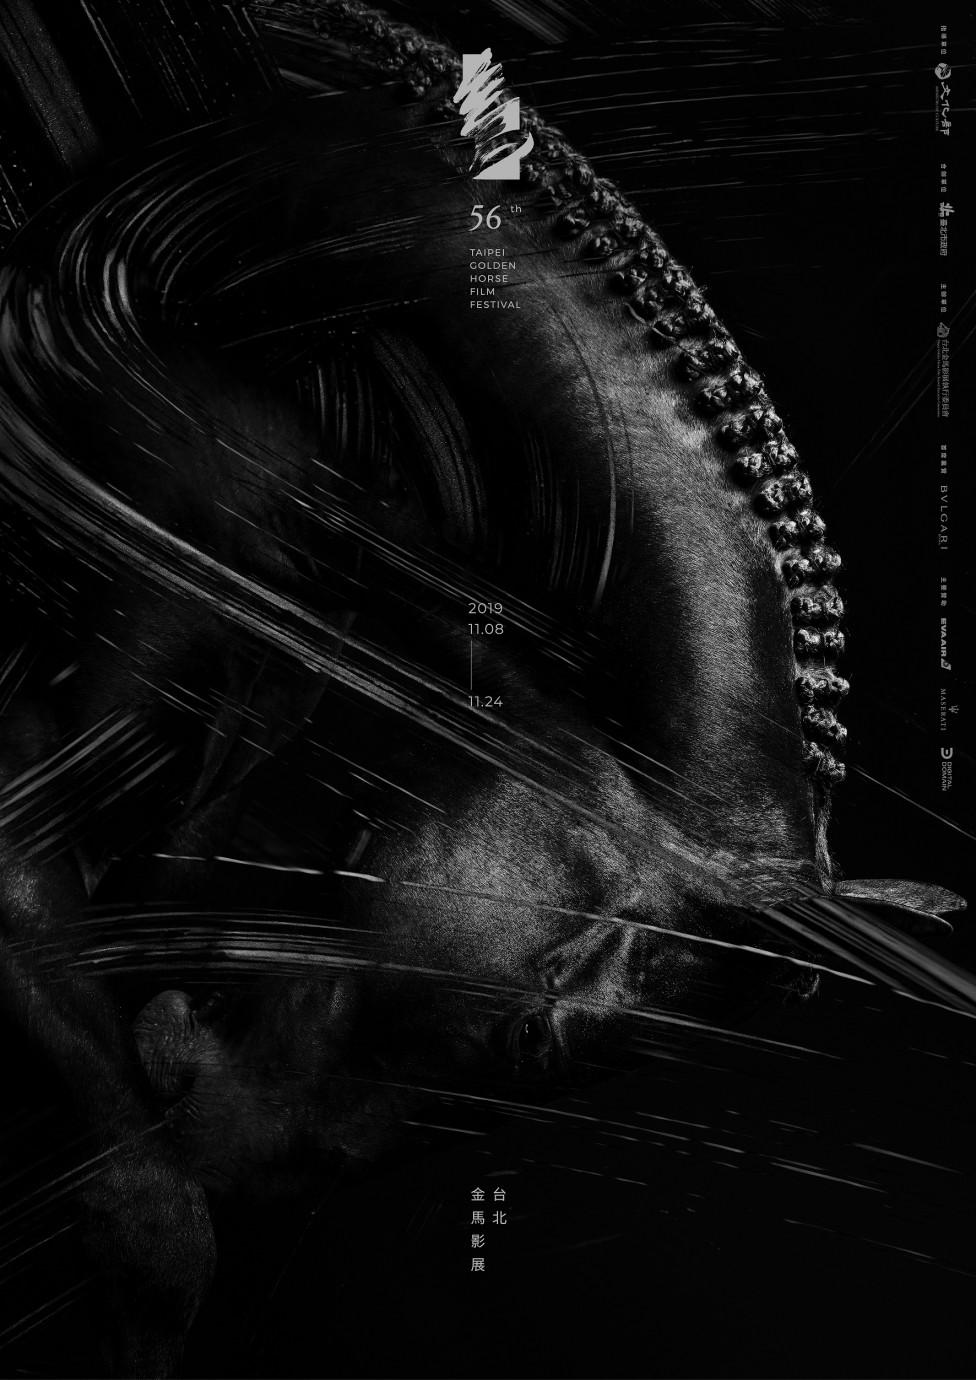 金马56主视觉海报曝光,为电影寻找黑马将影人化身战马